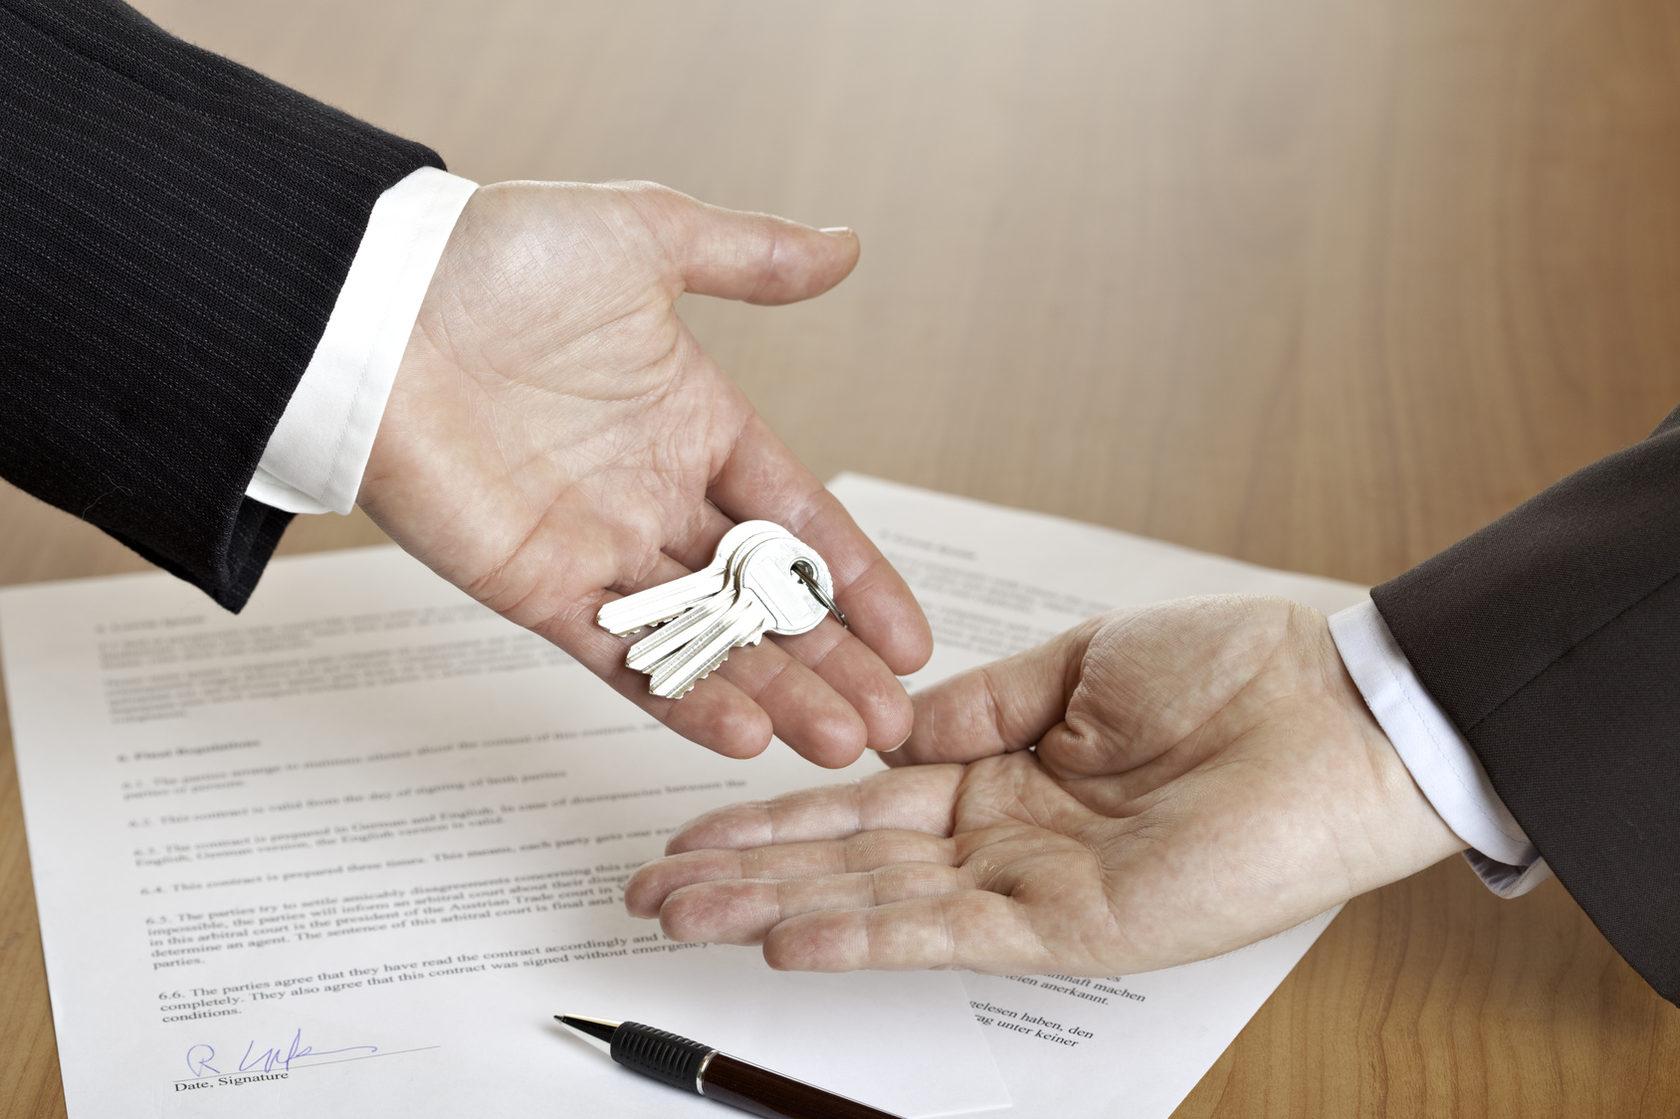 Договор безвозмездного пользования имуществом — образец 2021 года